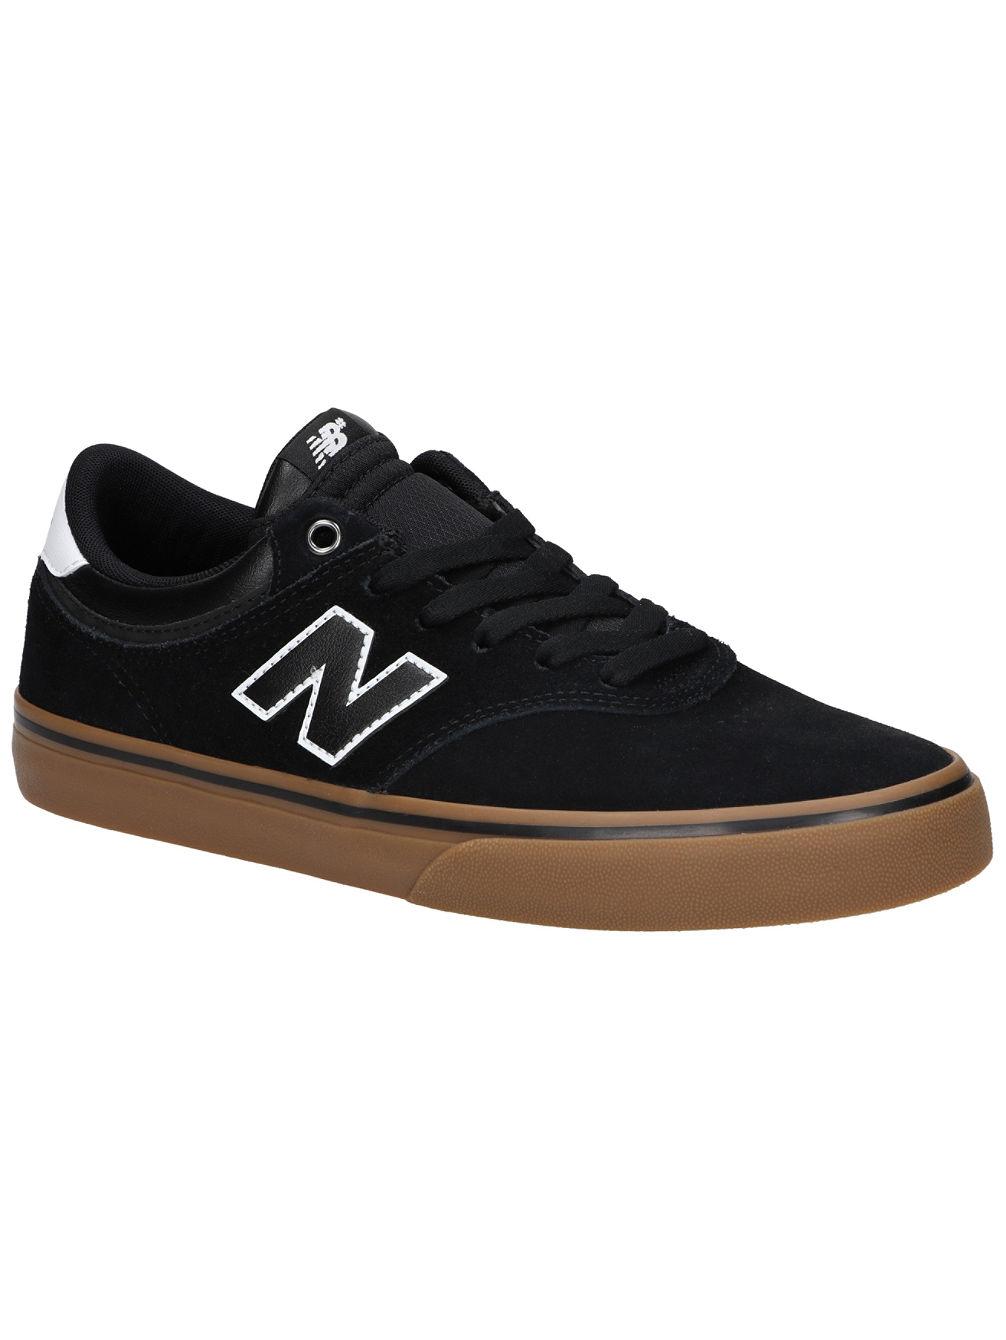 check out 89b16 8fb80 Numeric 255 Skateschuhe